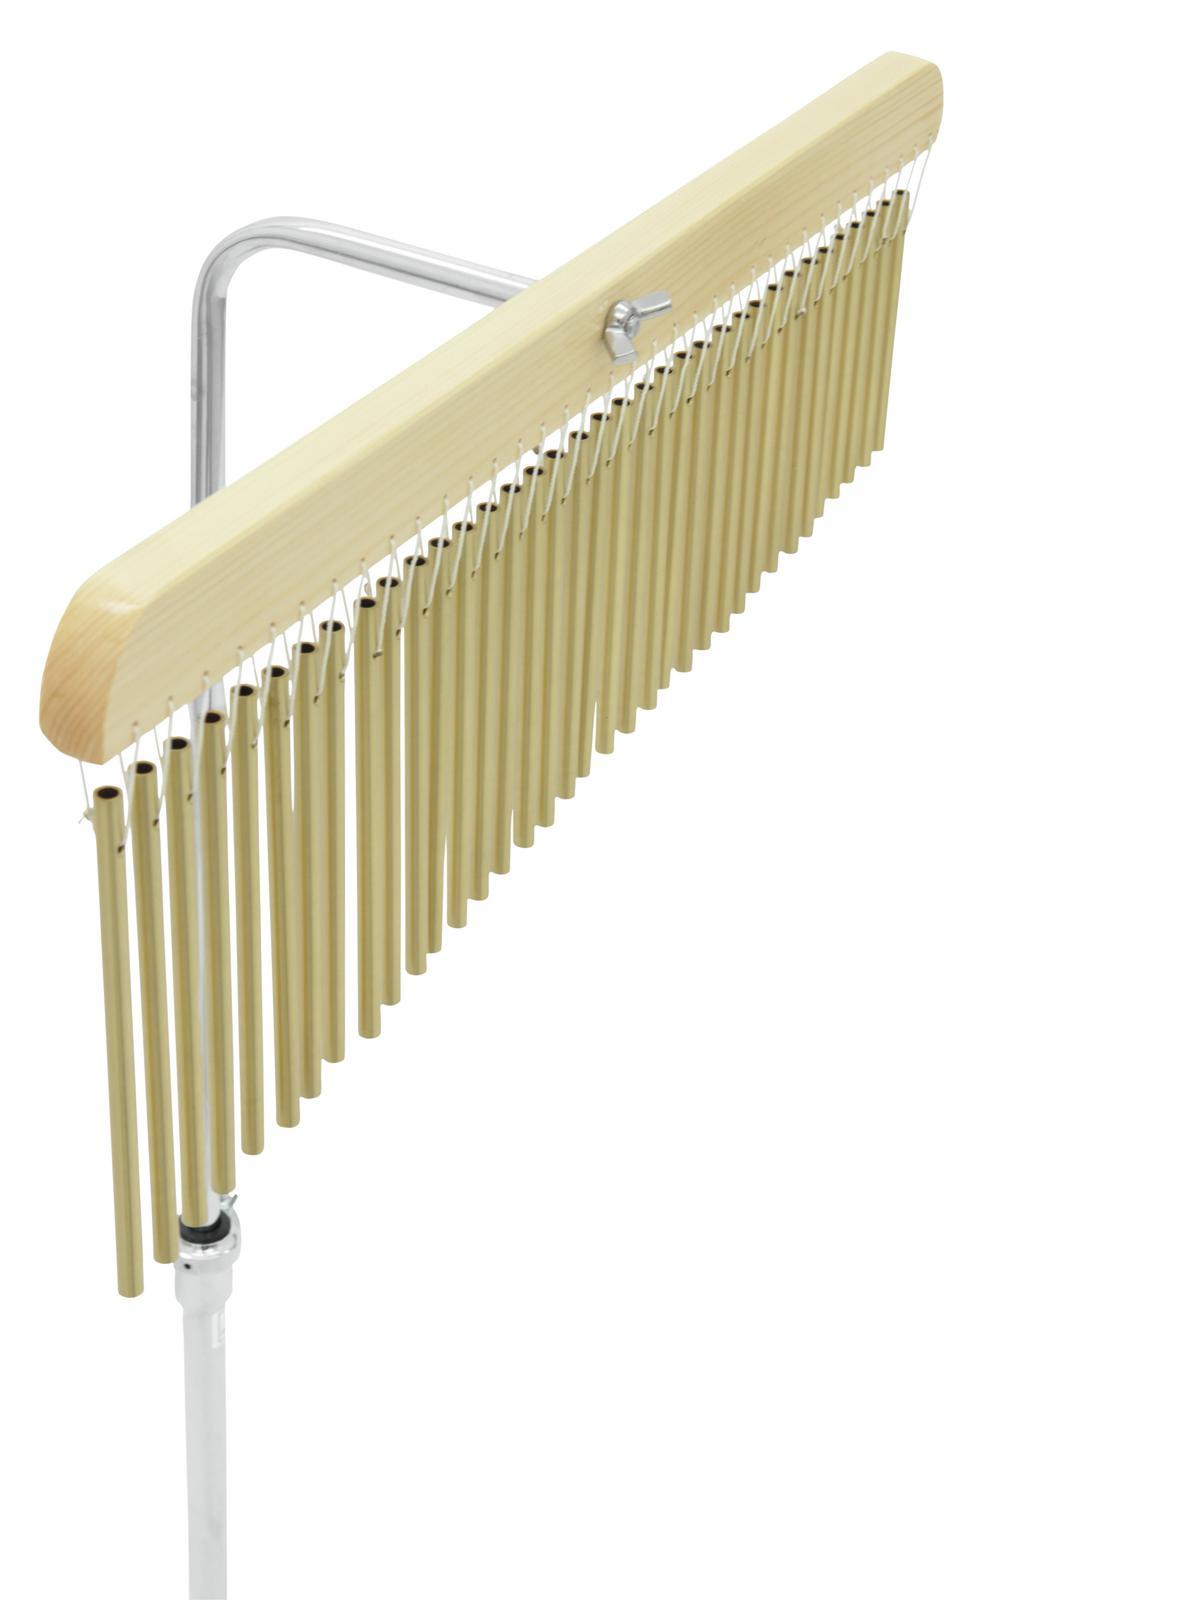 Carillon, 36 bar, con supporto sostegno, in legno, unica fila, DIMAVERY DH-36